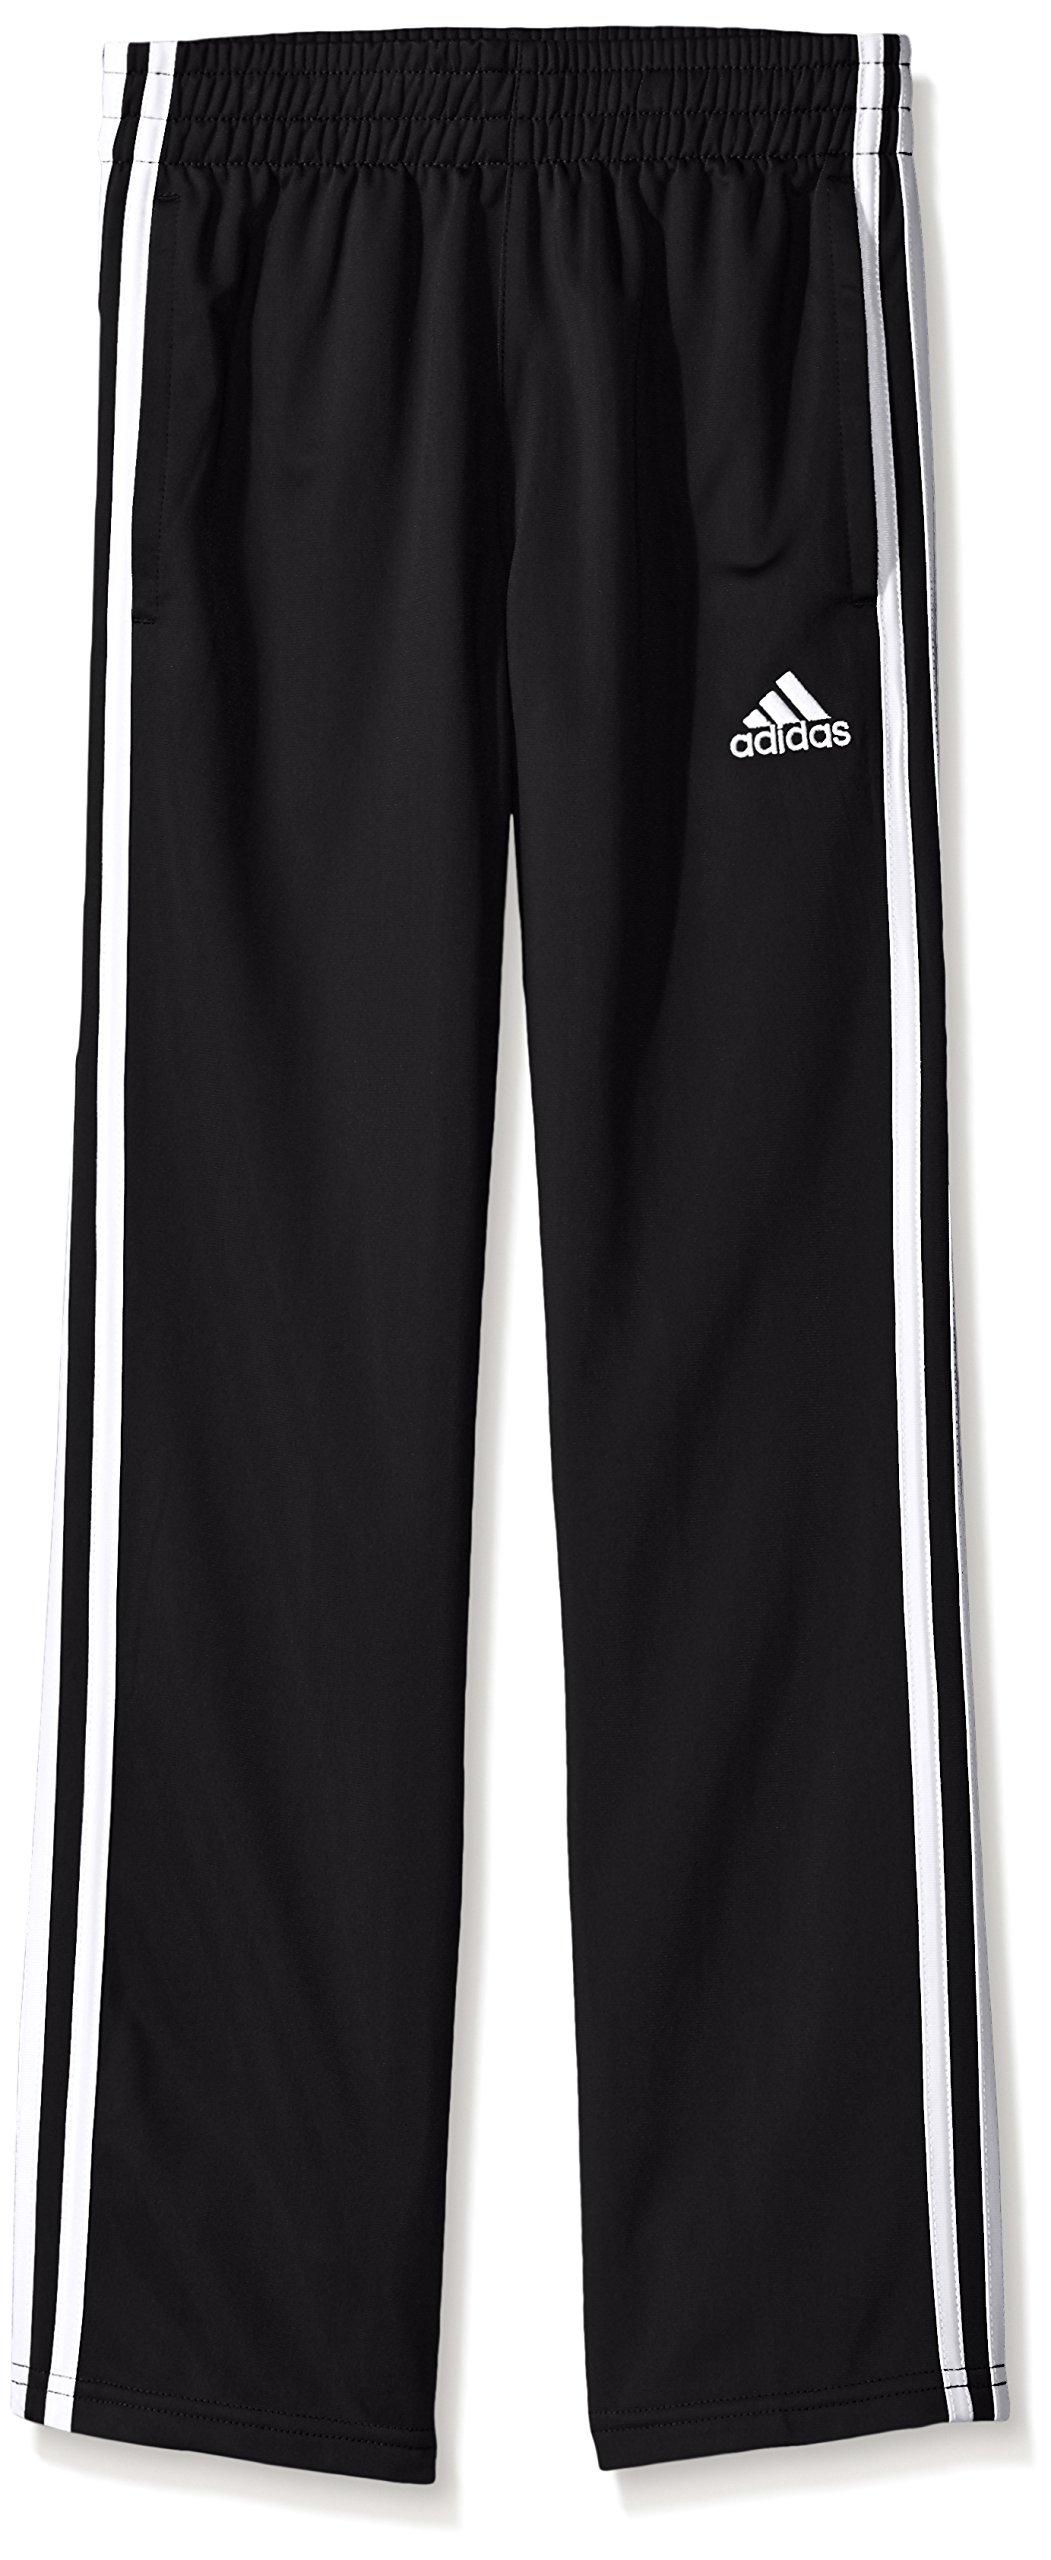 adidas Big Boys' Tricot Pant, Black, S